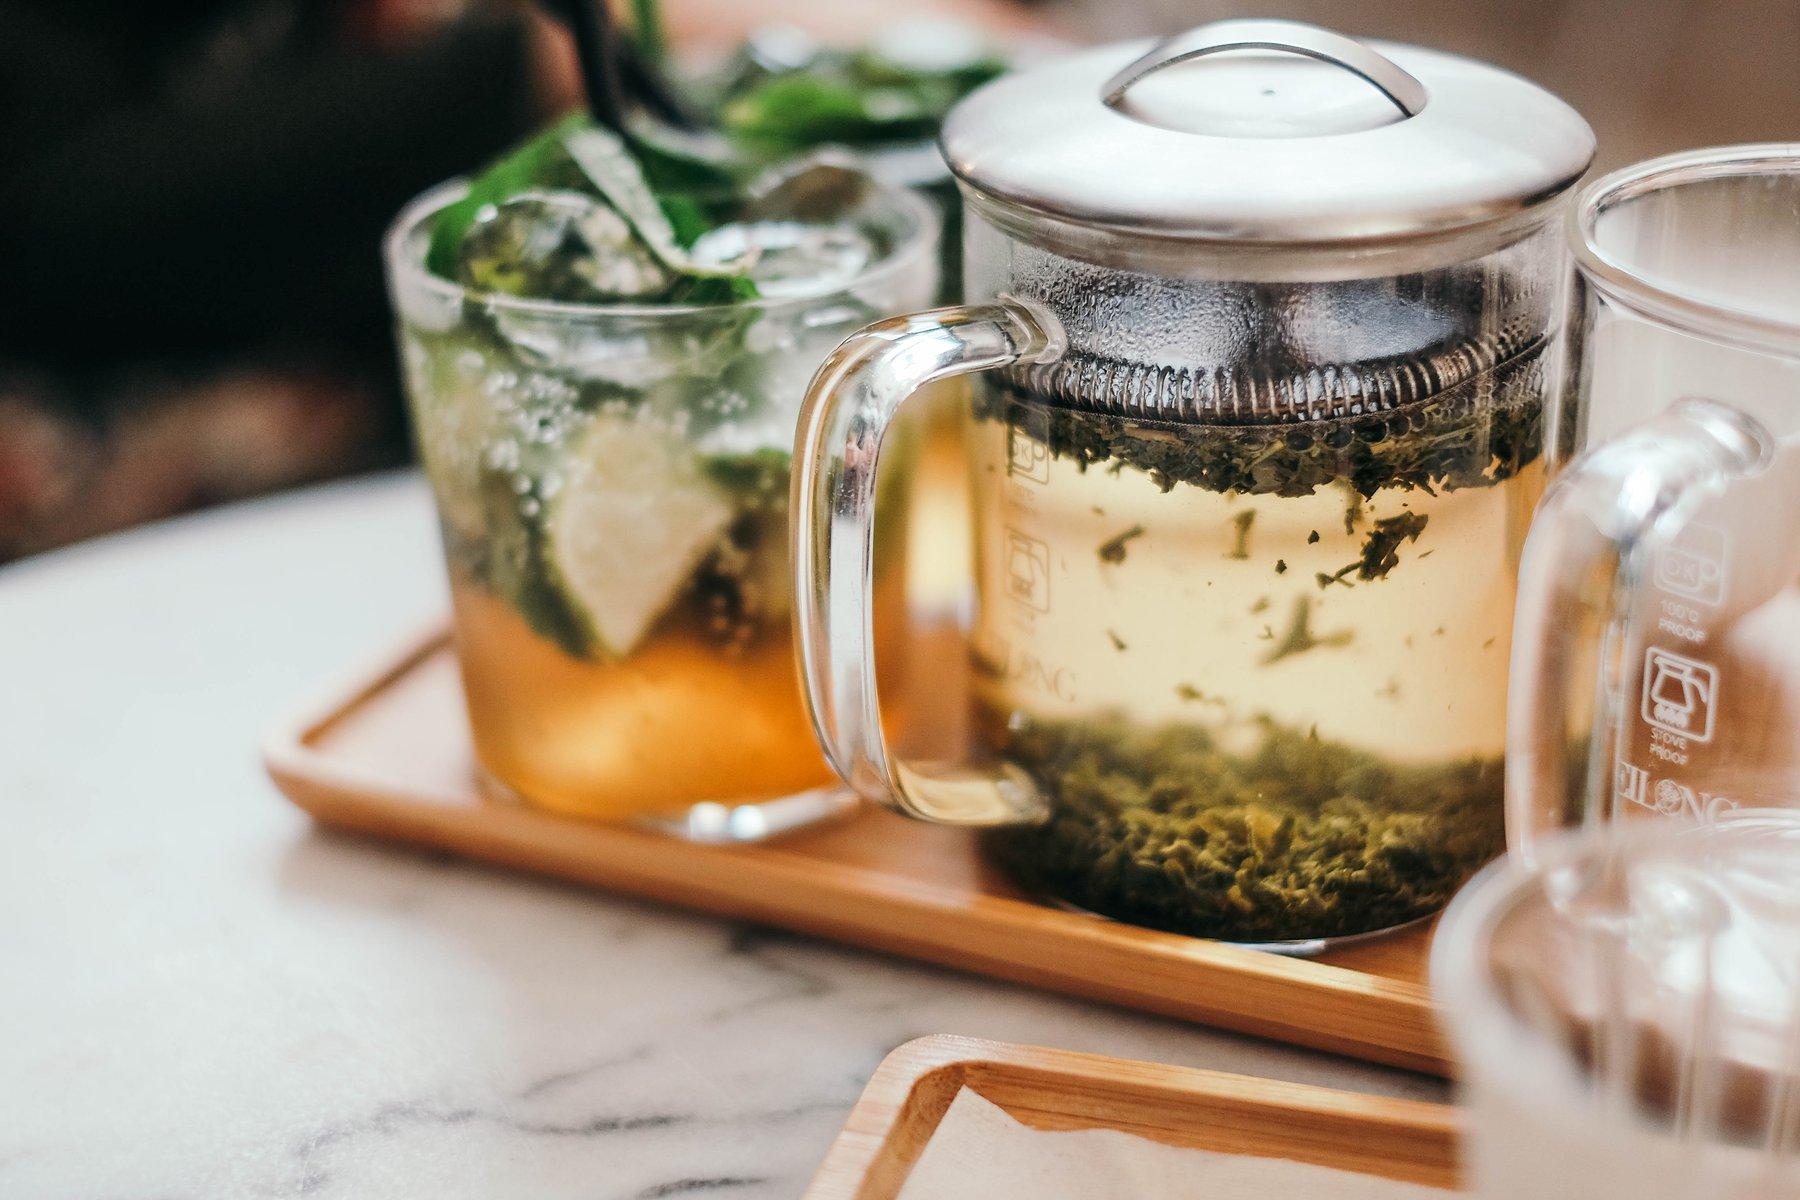 Lưu lại 7 loại trà thảo mộc giúp làm giảm táo bón nhanh chóng và hiệu quả